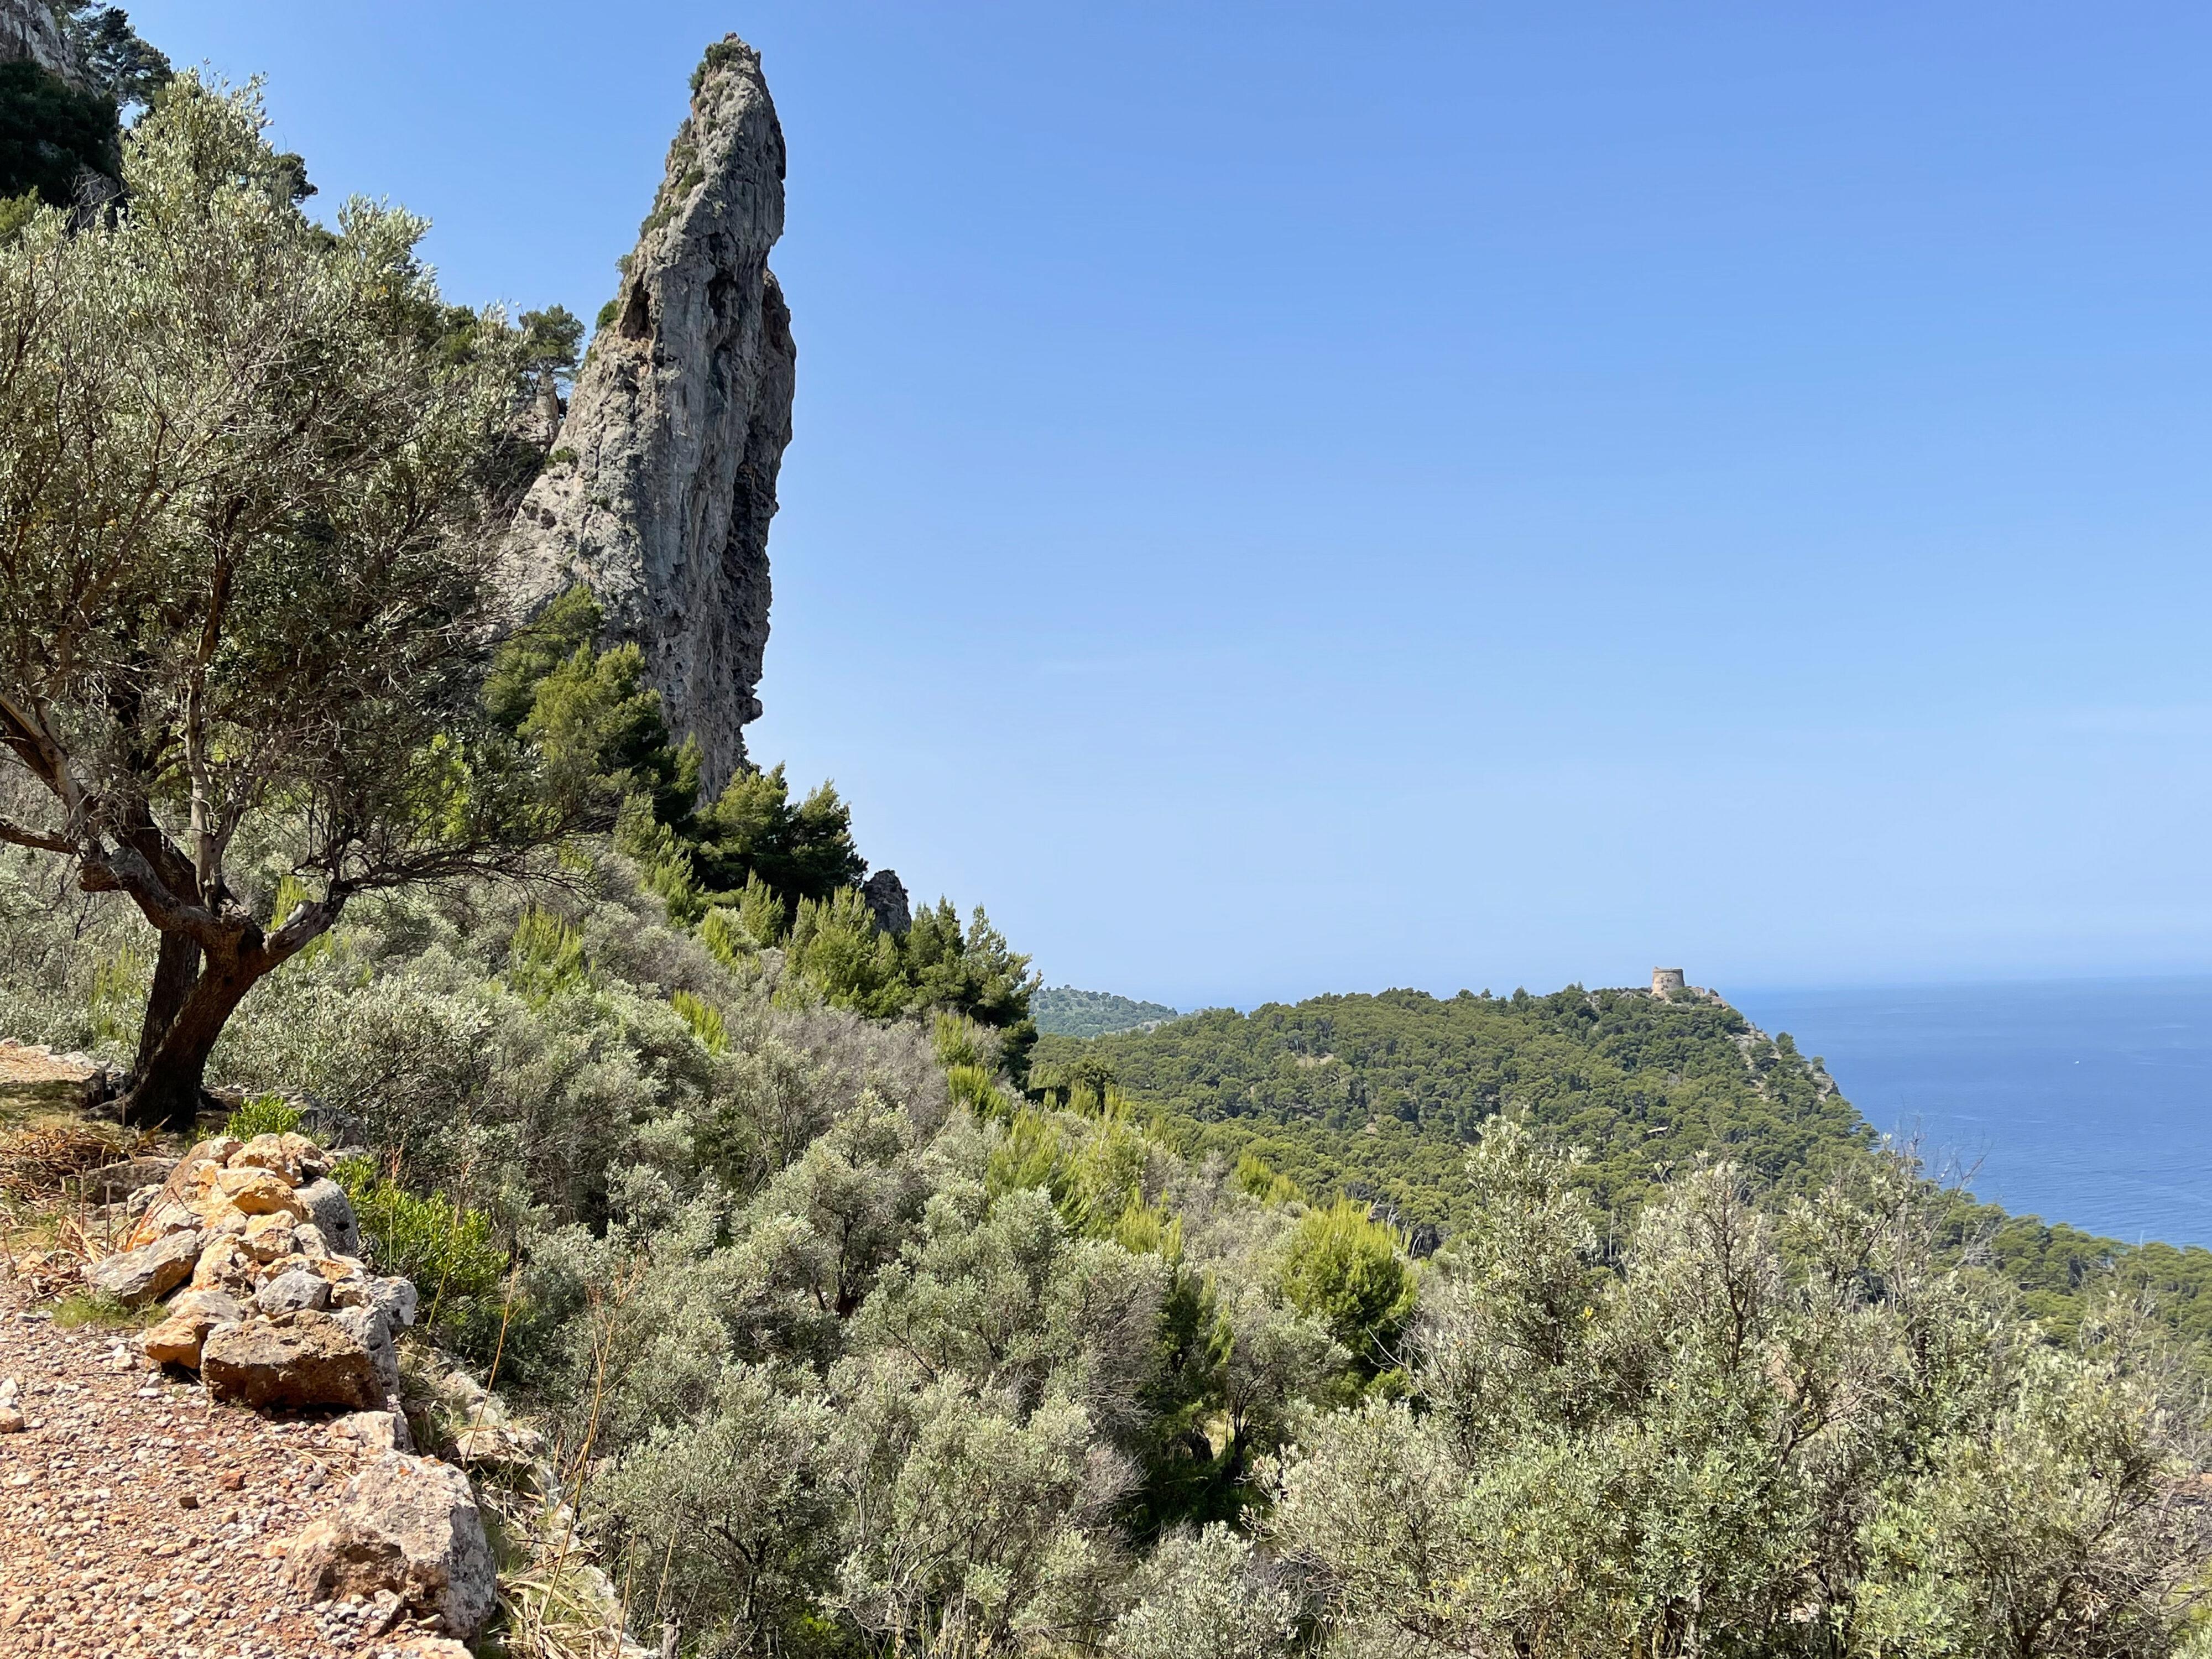 Küstenwanderung bei Port de Sóller: ein schräger Felsen ähnlich wie Felswand bei Banyalbufar